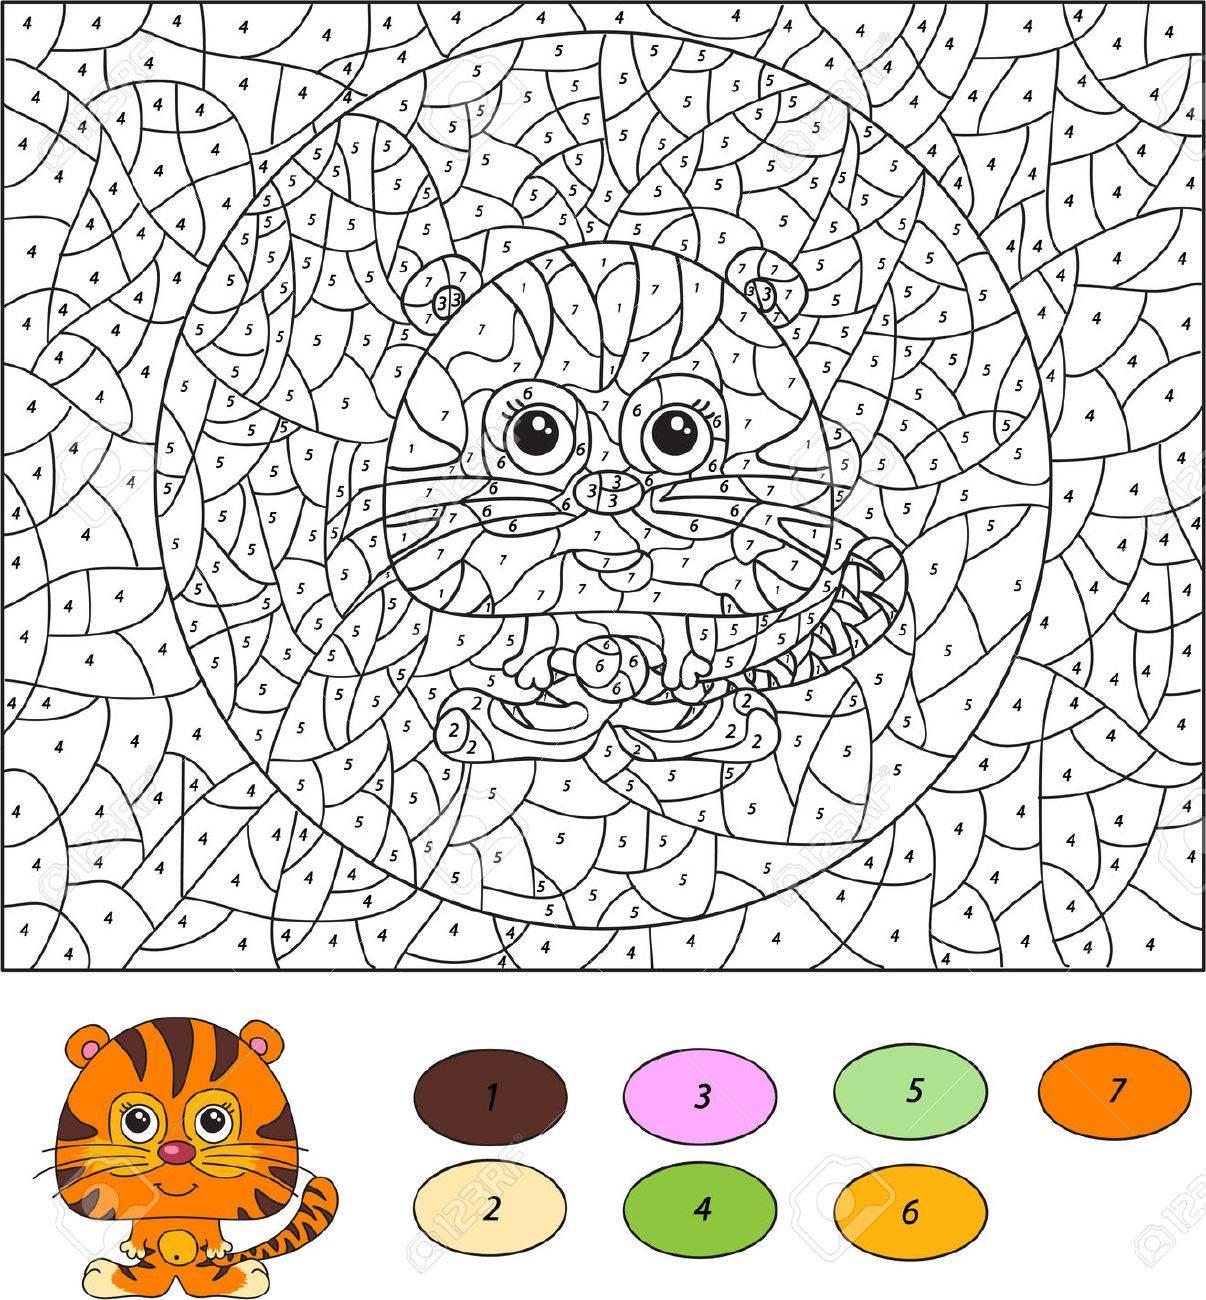 Tolle Anzahl Malvorlagen Für Den Kindergarten Fotos - Malvorlagen ...